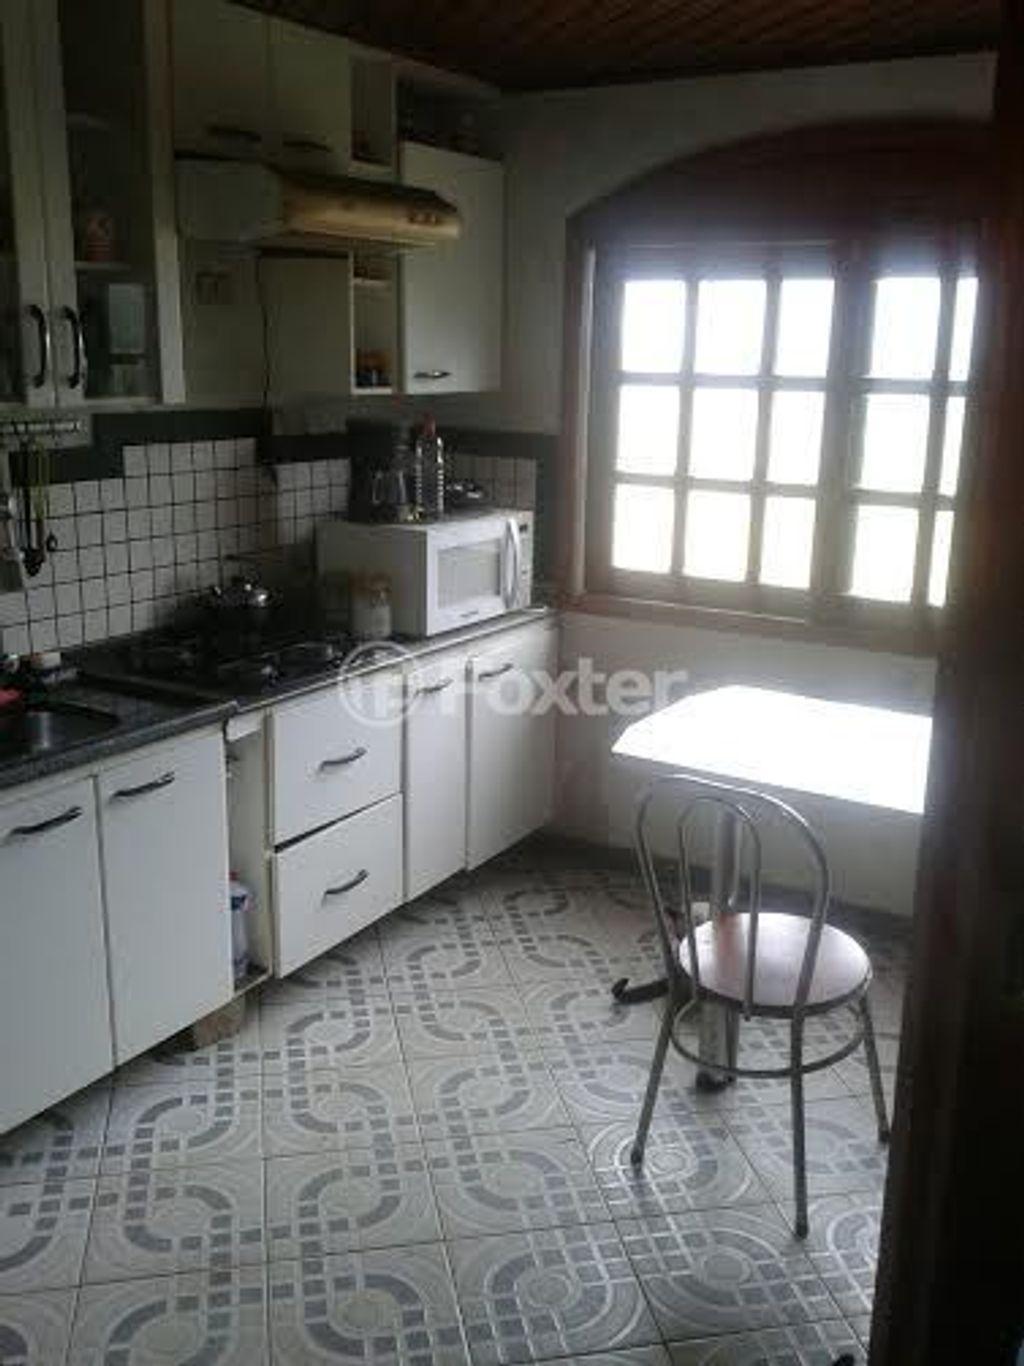 Foxter Imobiliária - Casa 3 Dorm, Agronomia - Foto 4